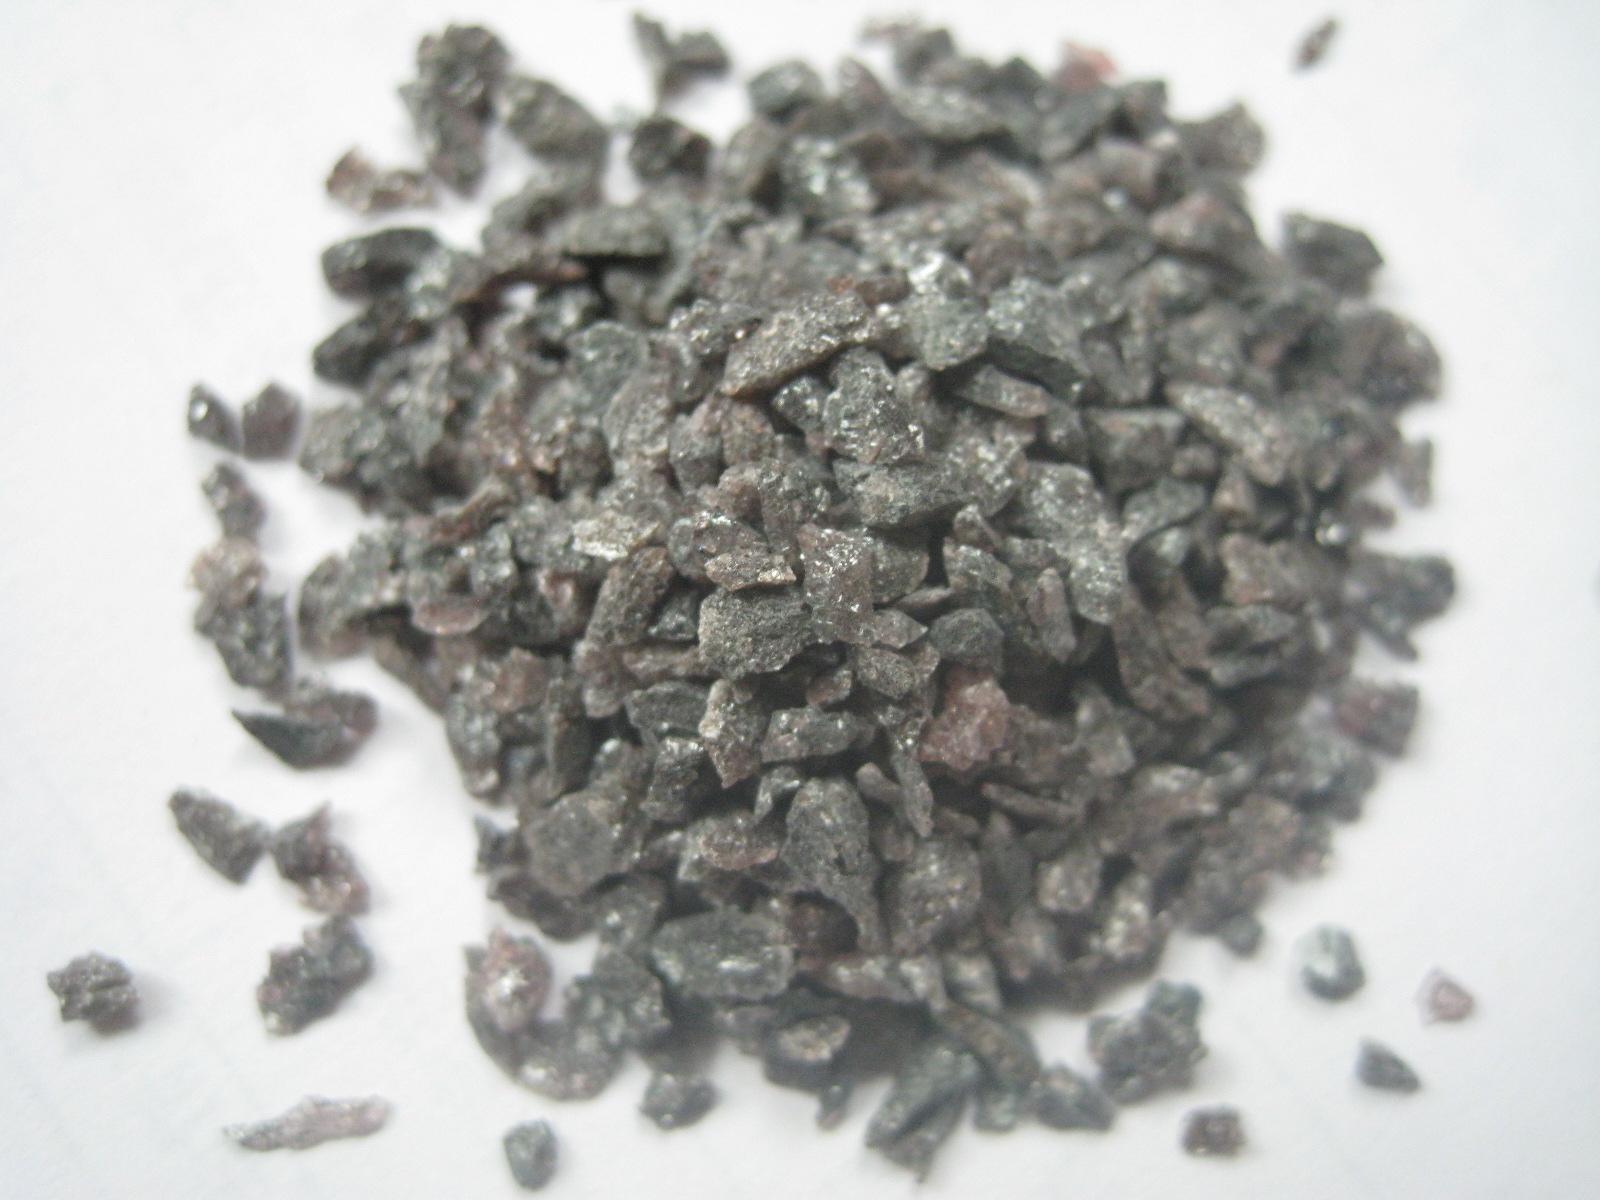 棕刚玉微粉的耐火度及冶炼时要求